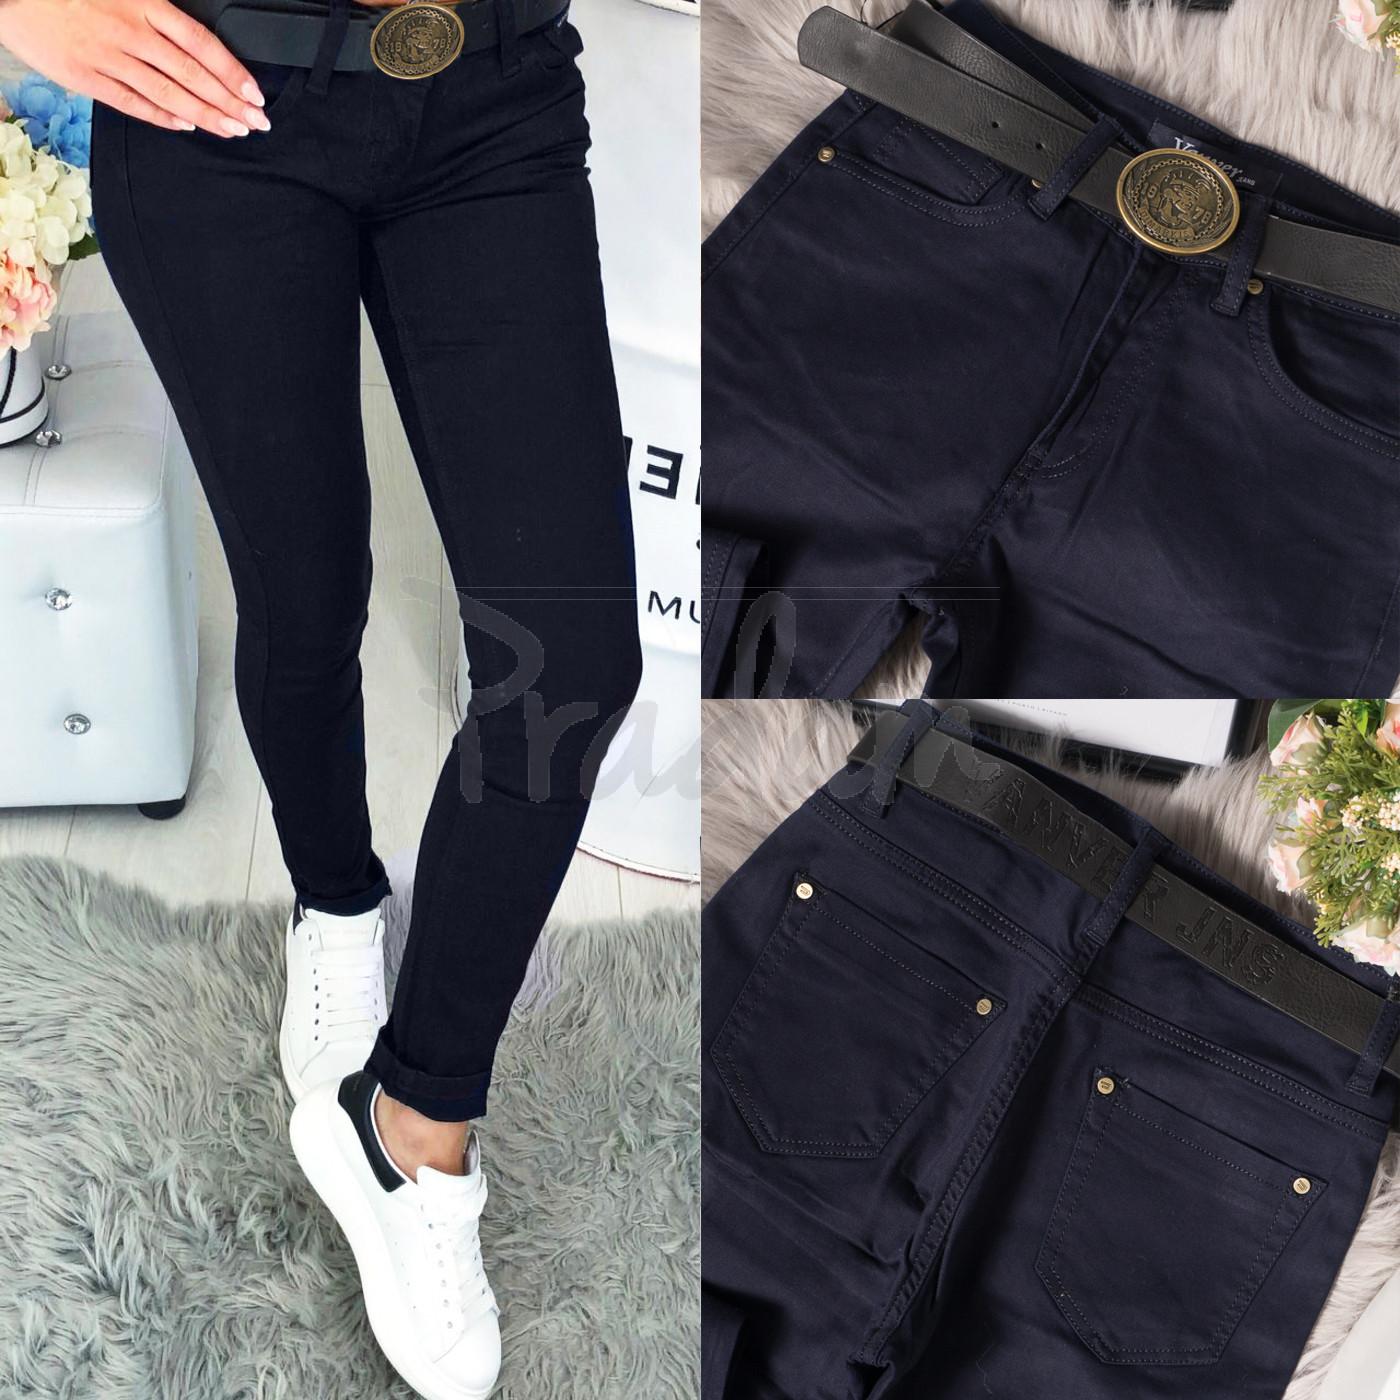 8926 Vanver джинсы женские батальные темно-синие осенние стрейчевые (28-33, 5 ед.)